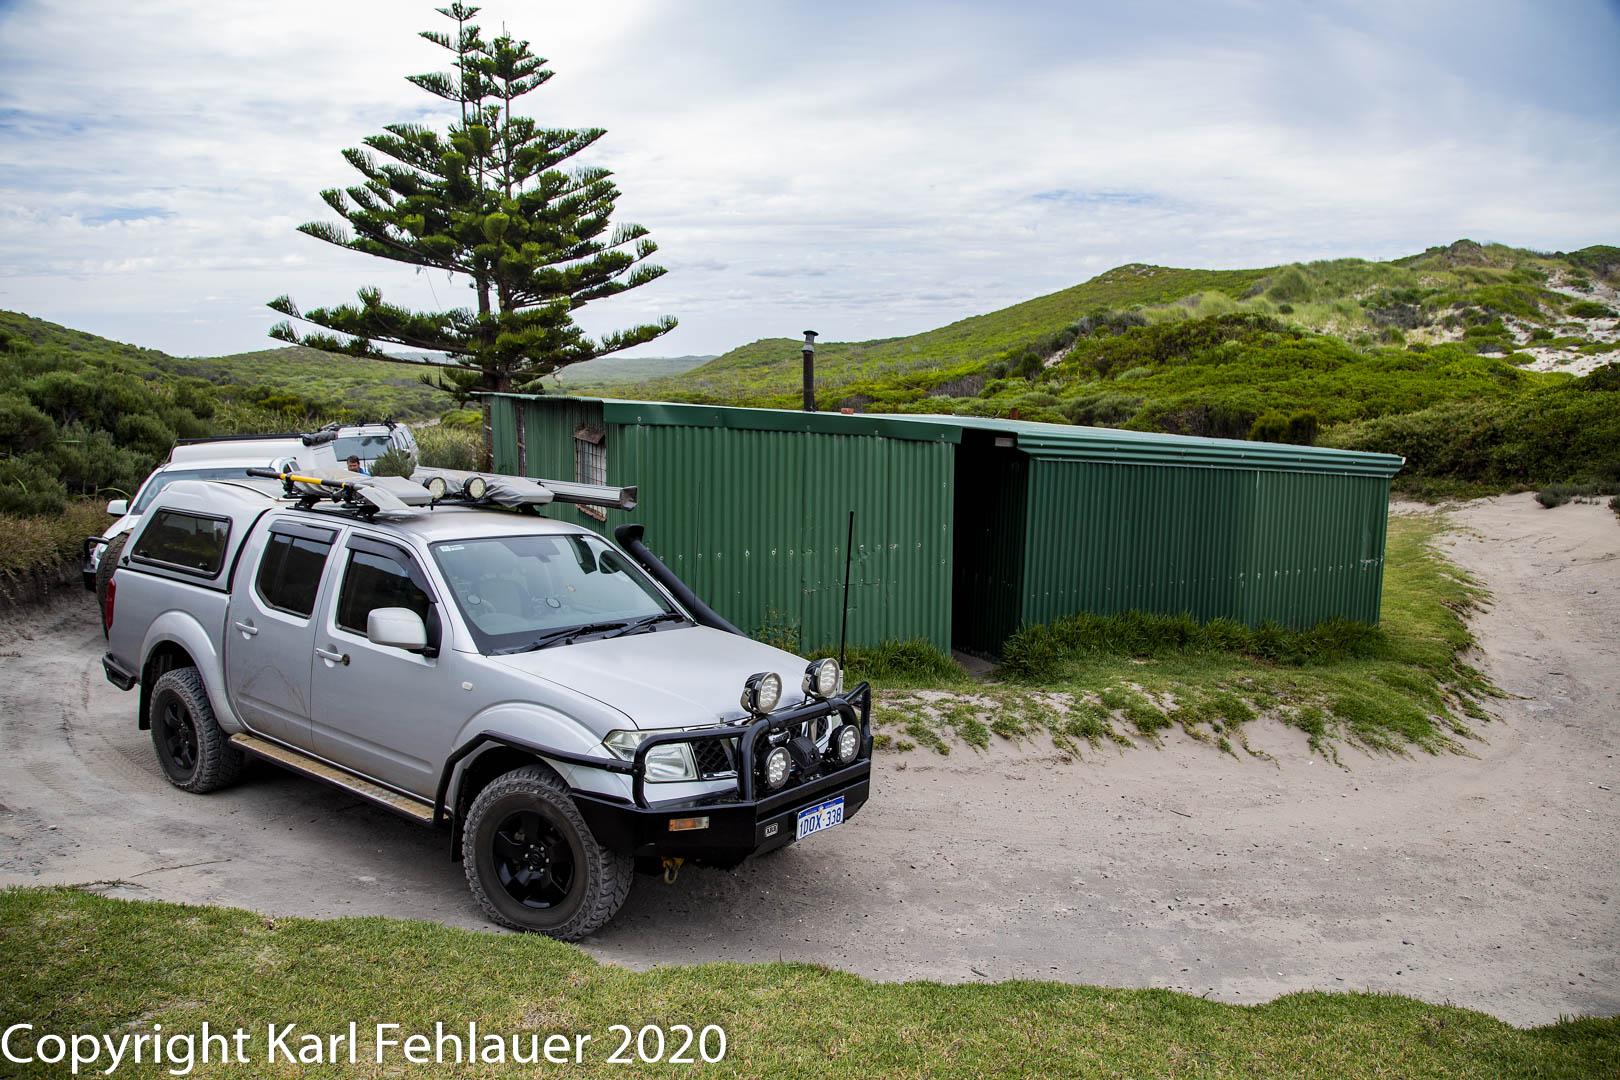 2020-02-12 4WD - 030-Edit.jpg